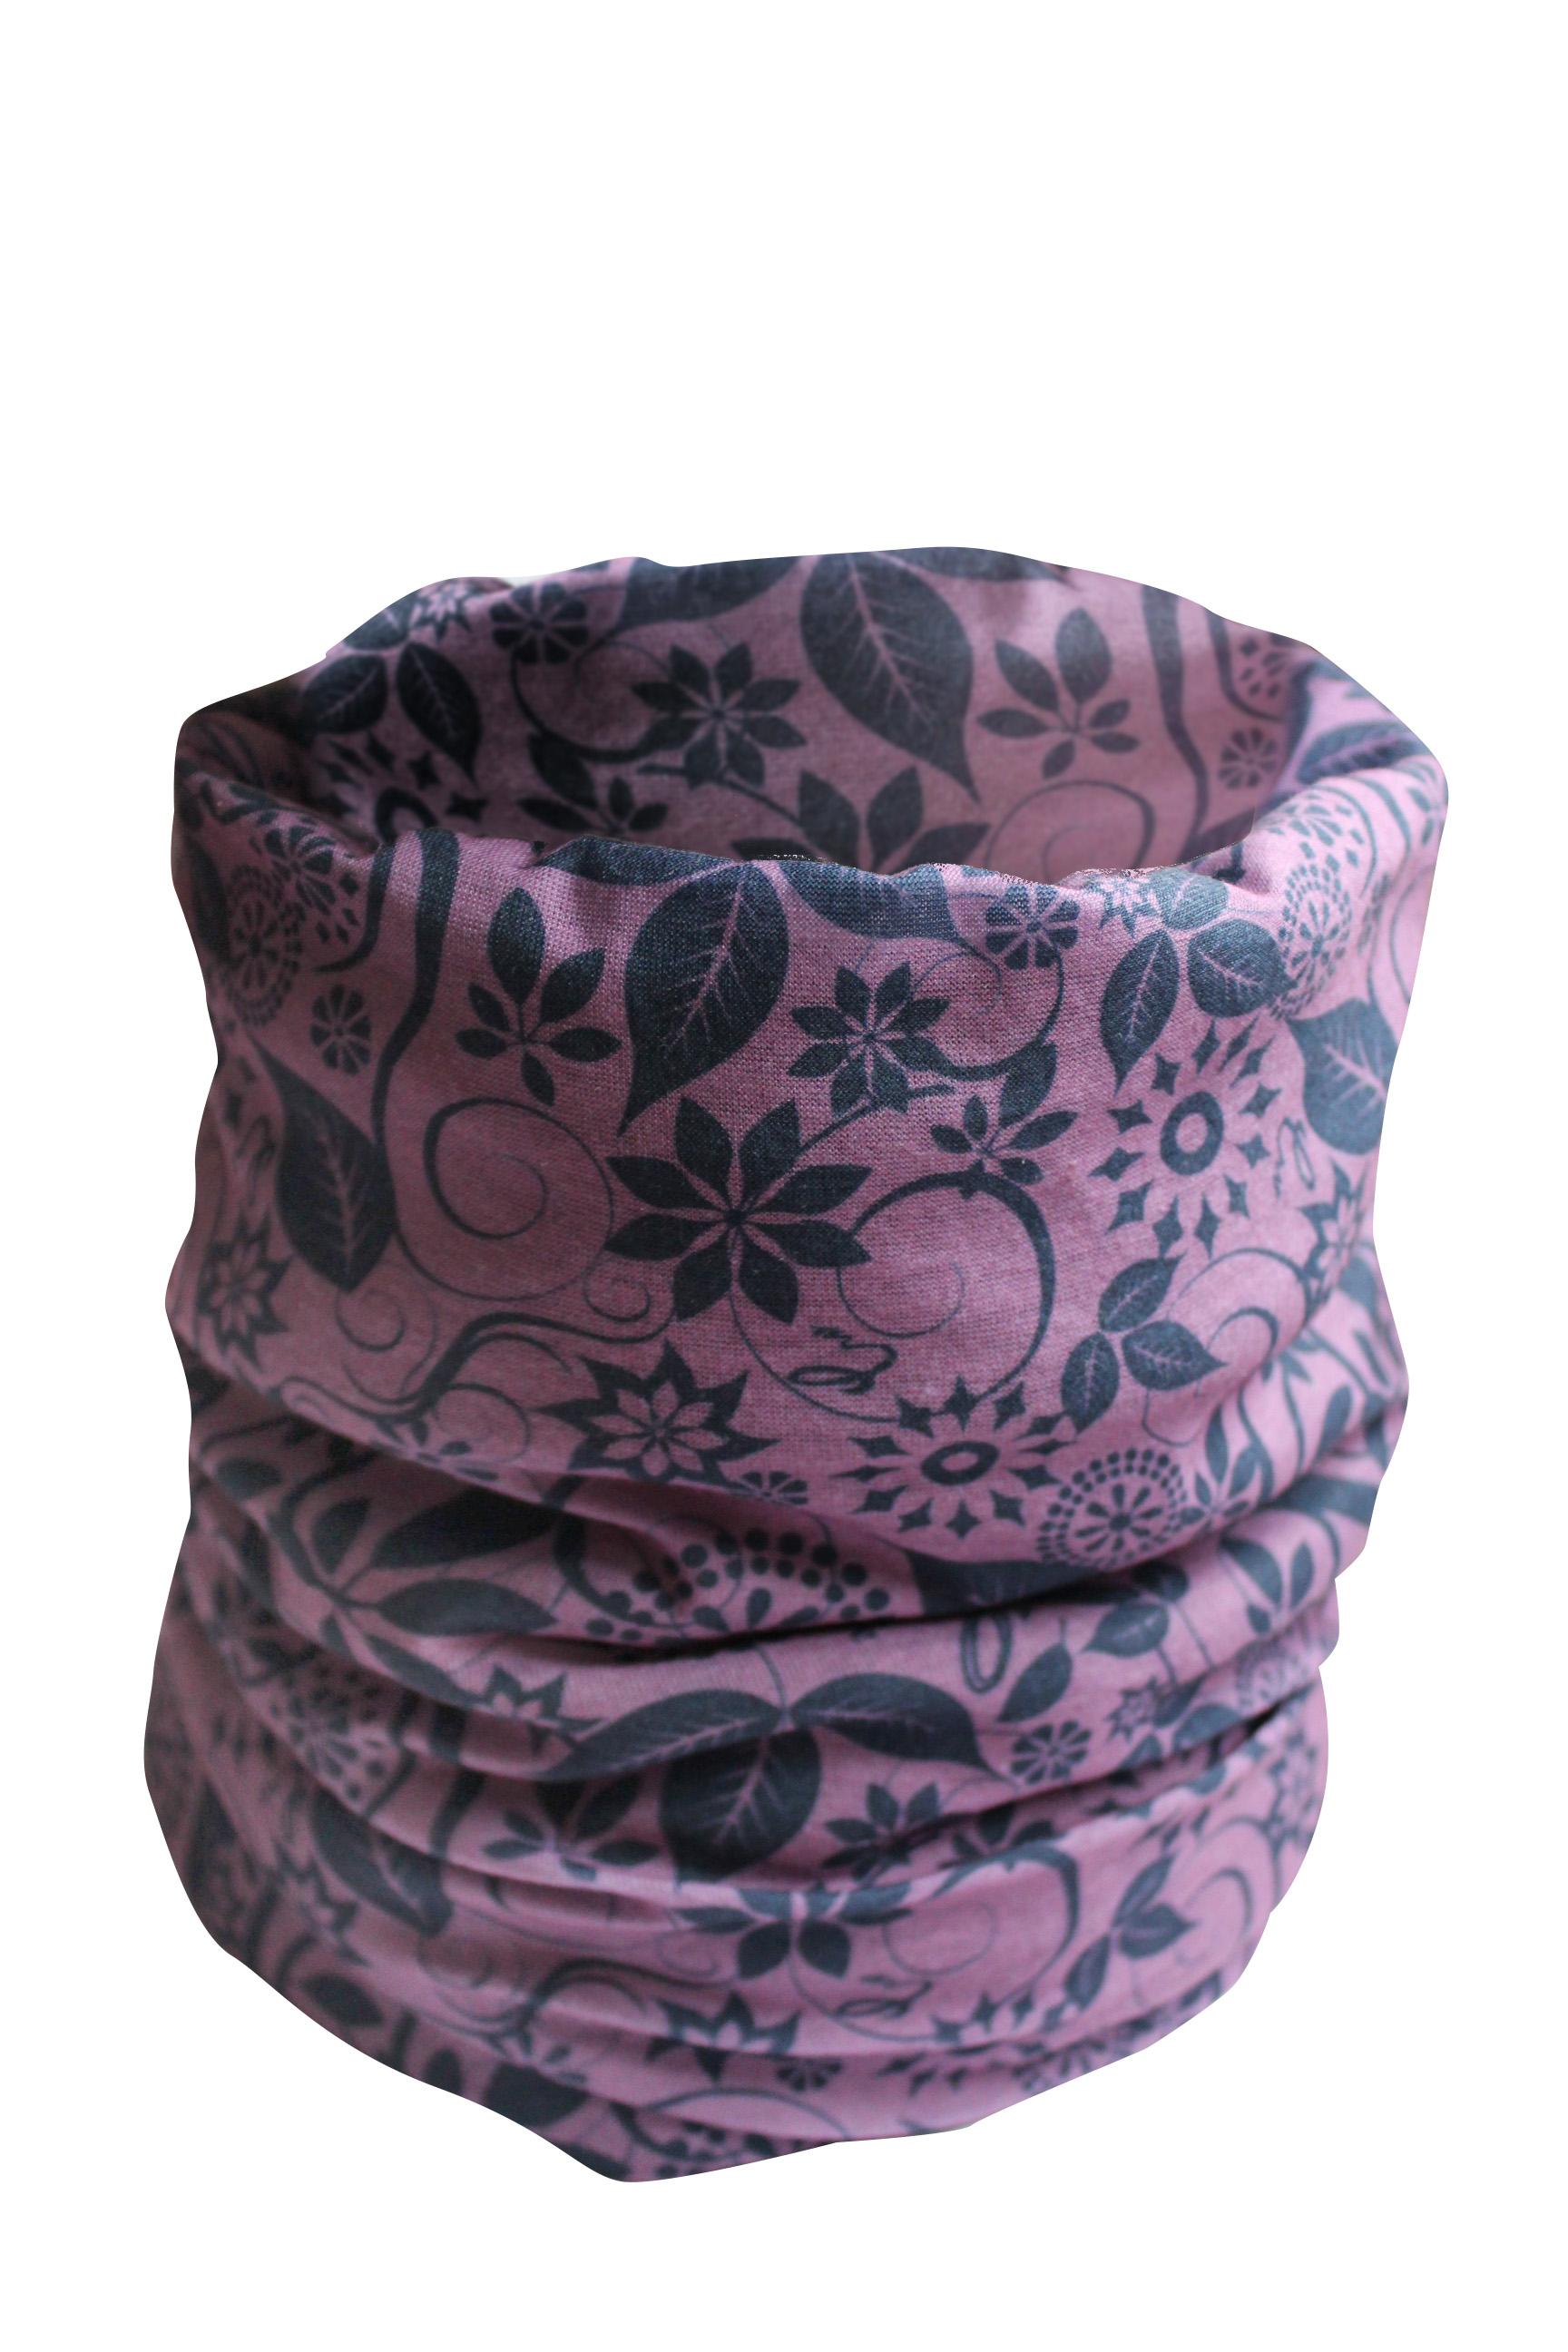 CLIF šátek fialový multifunkční